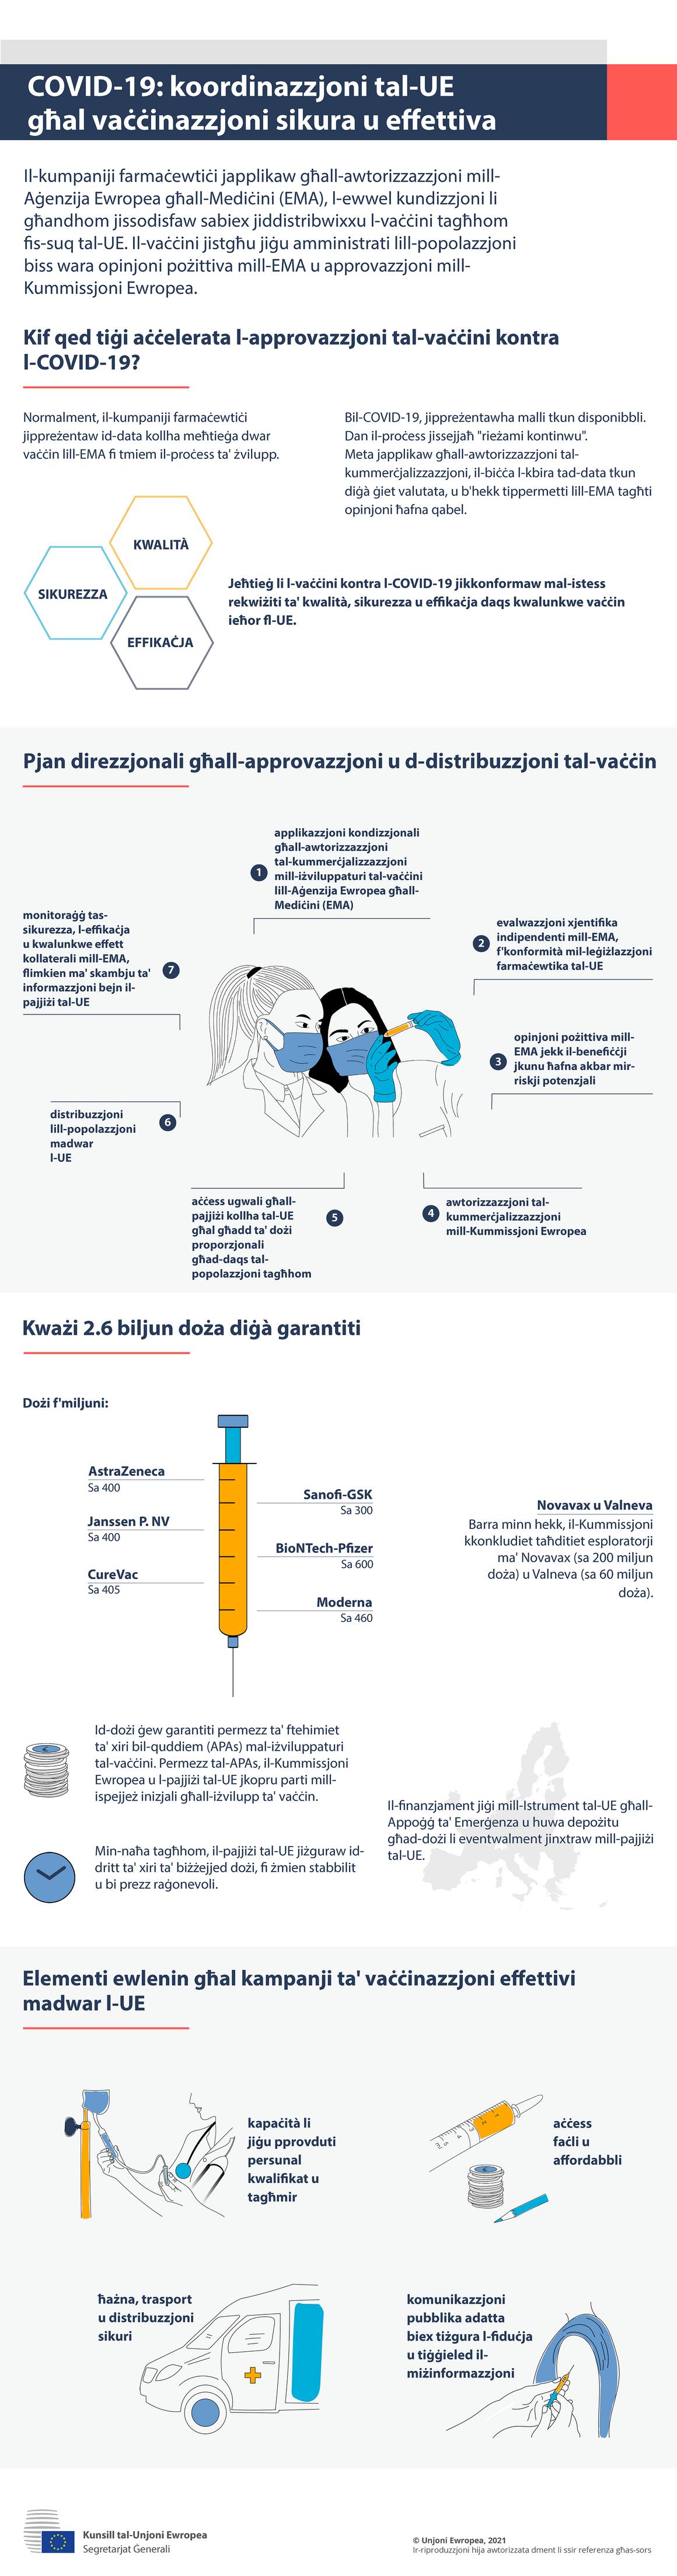 Infografika - COVID-19: Koordinazzjoni tal-UE għal vaċċinazzjoni sikura u effettiva